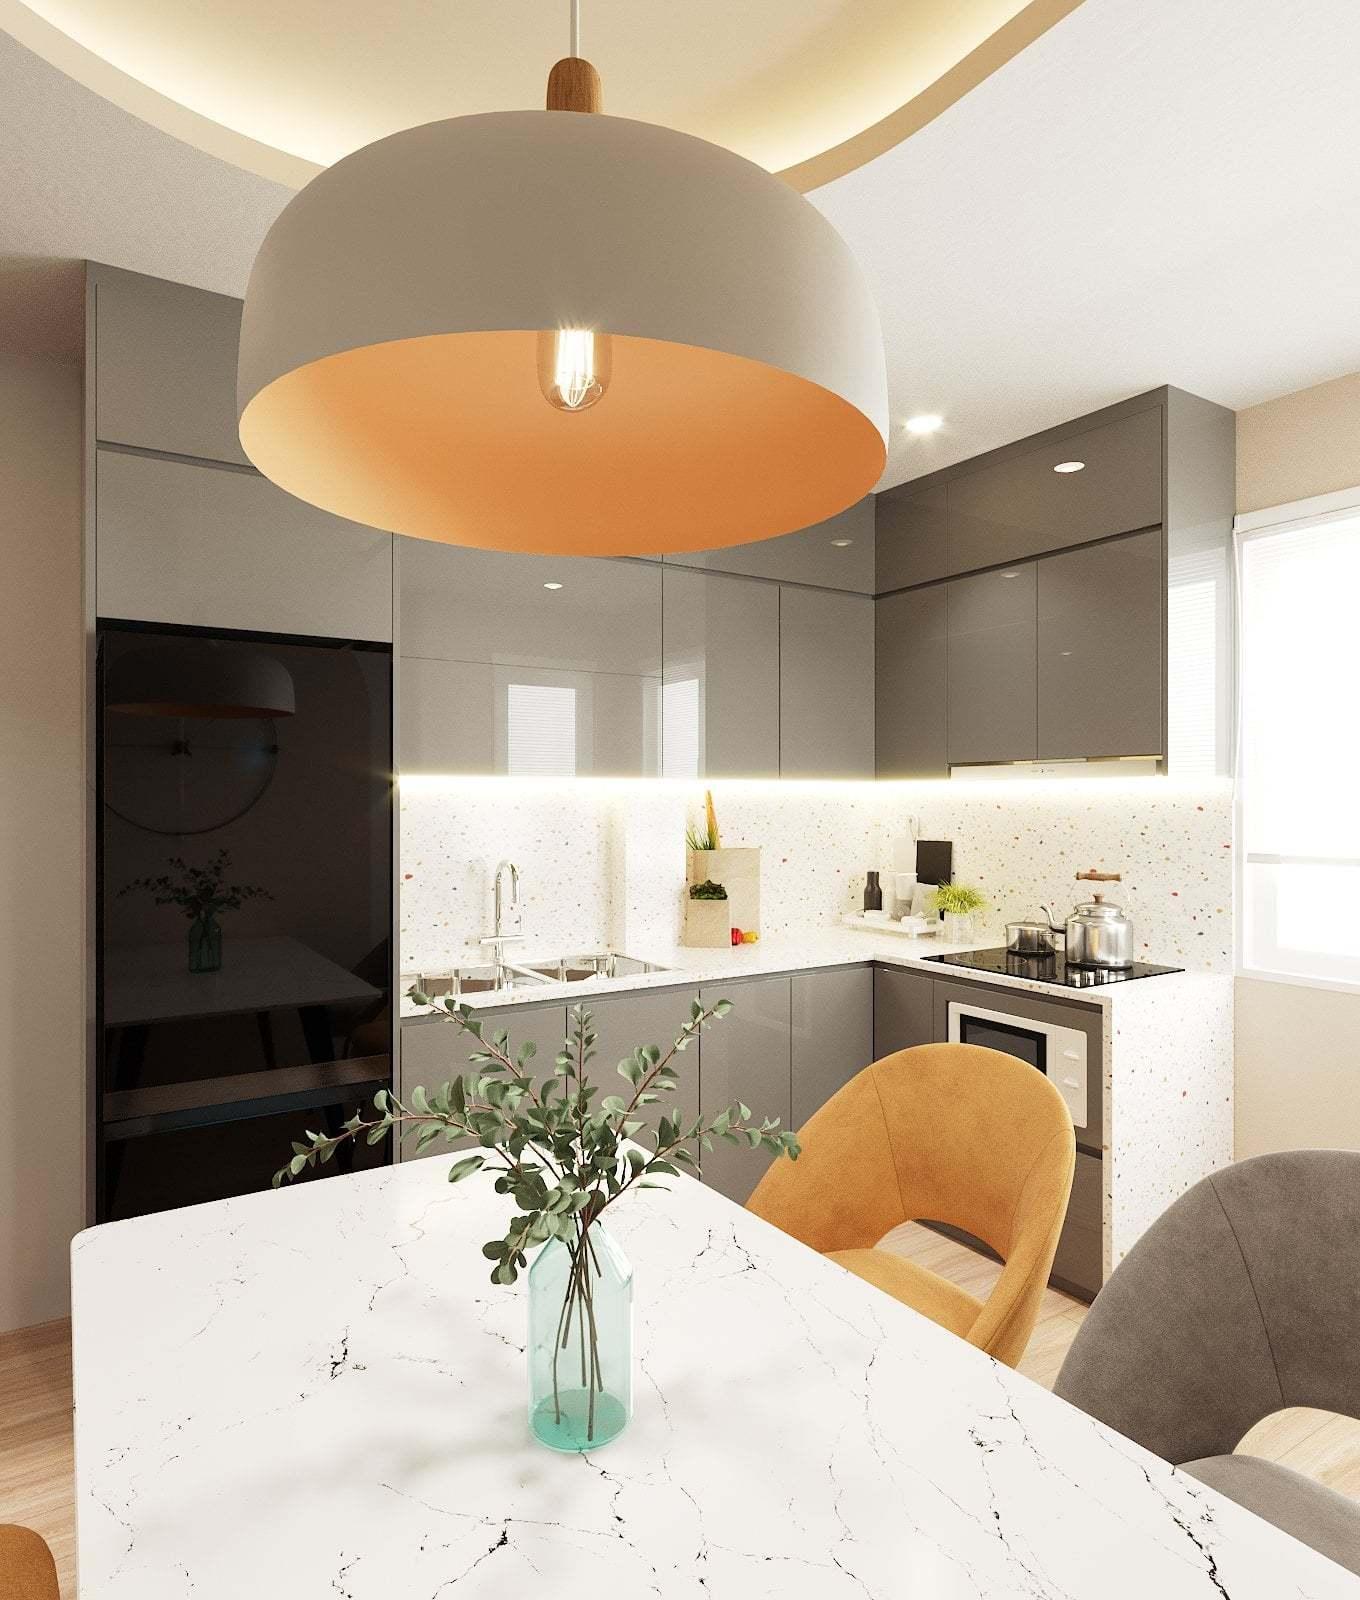 Thiết kế nhà 16m2, kiến trúc sư khiến gia chủ bất ngờ vì công năng tiện nghi